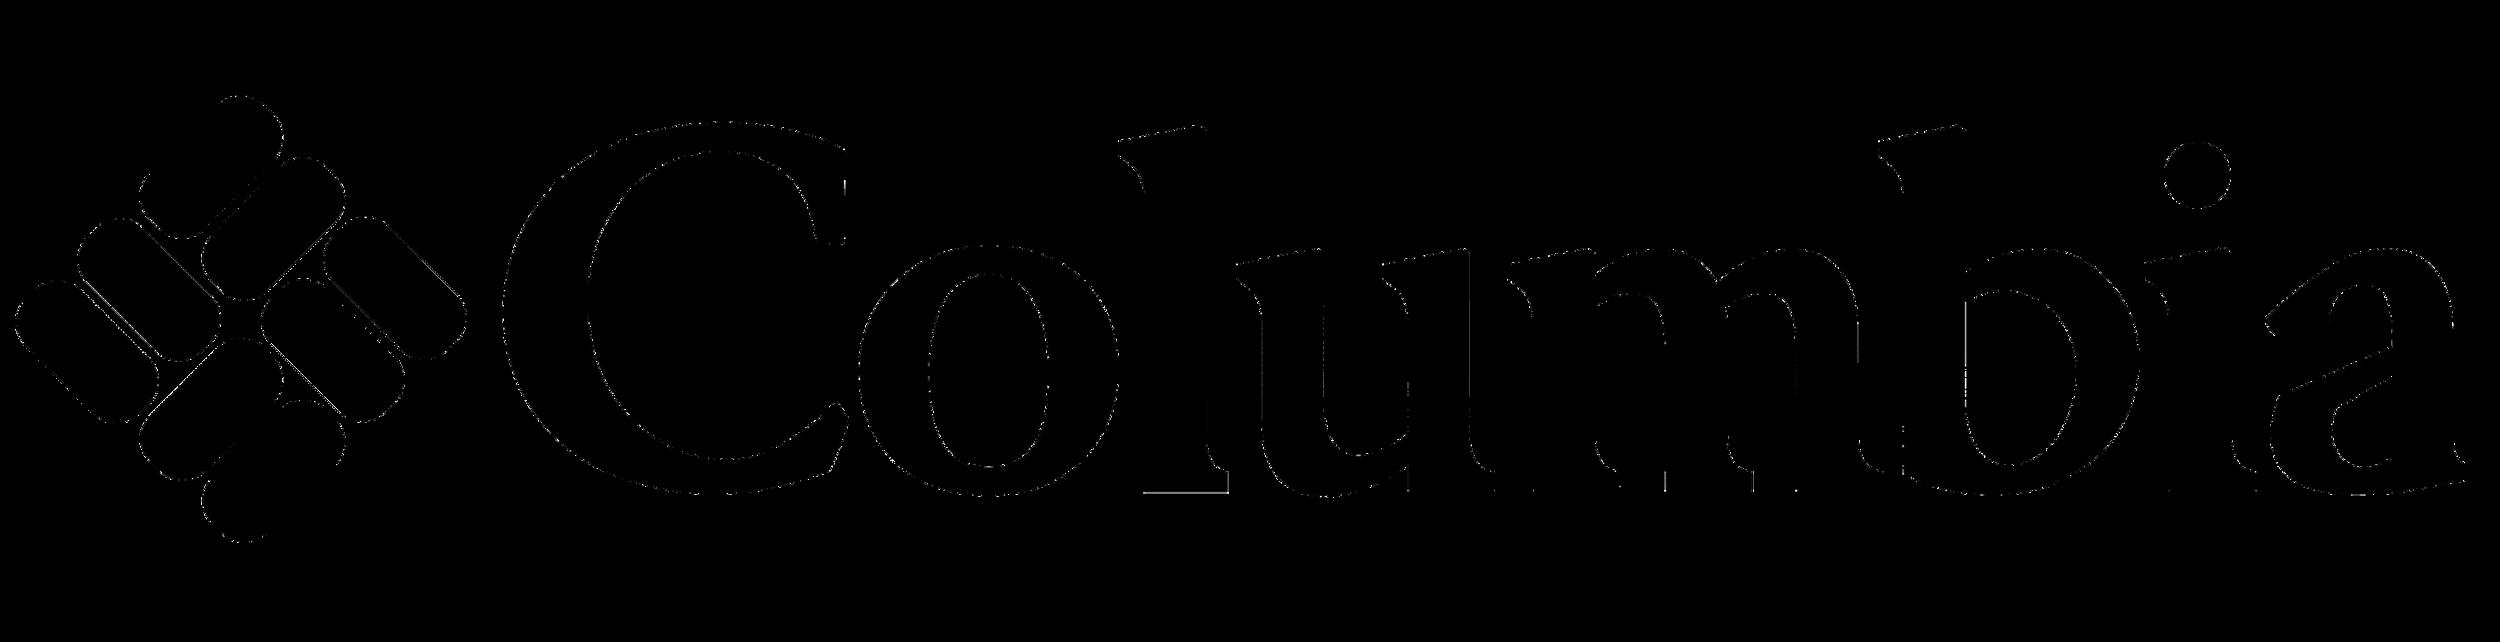 Site Logos-04-03 copy.png